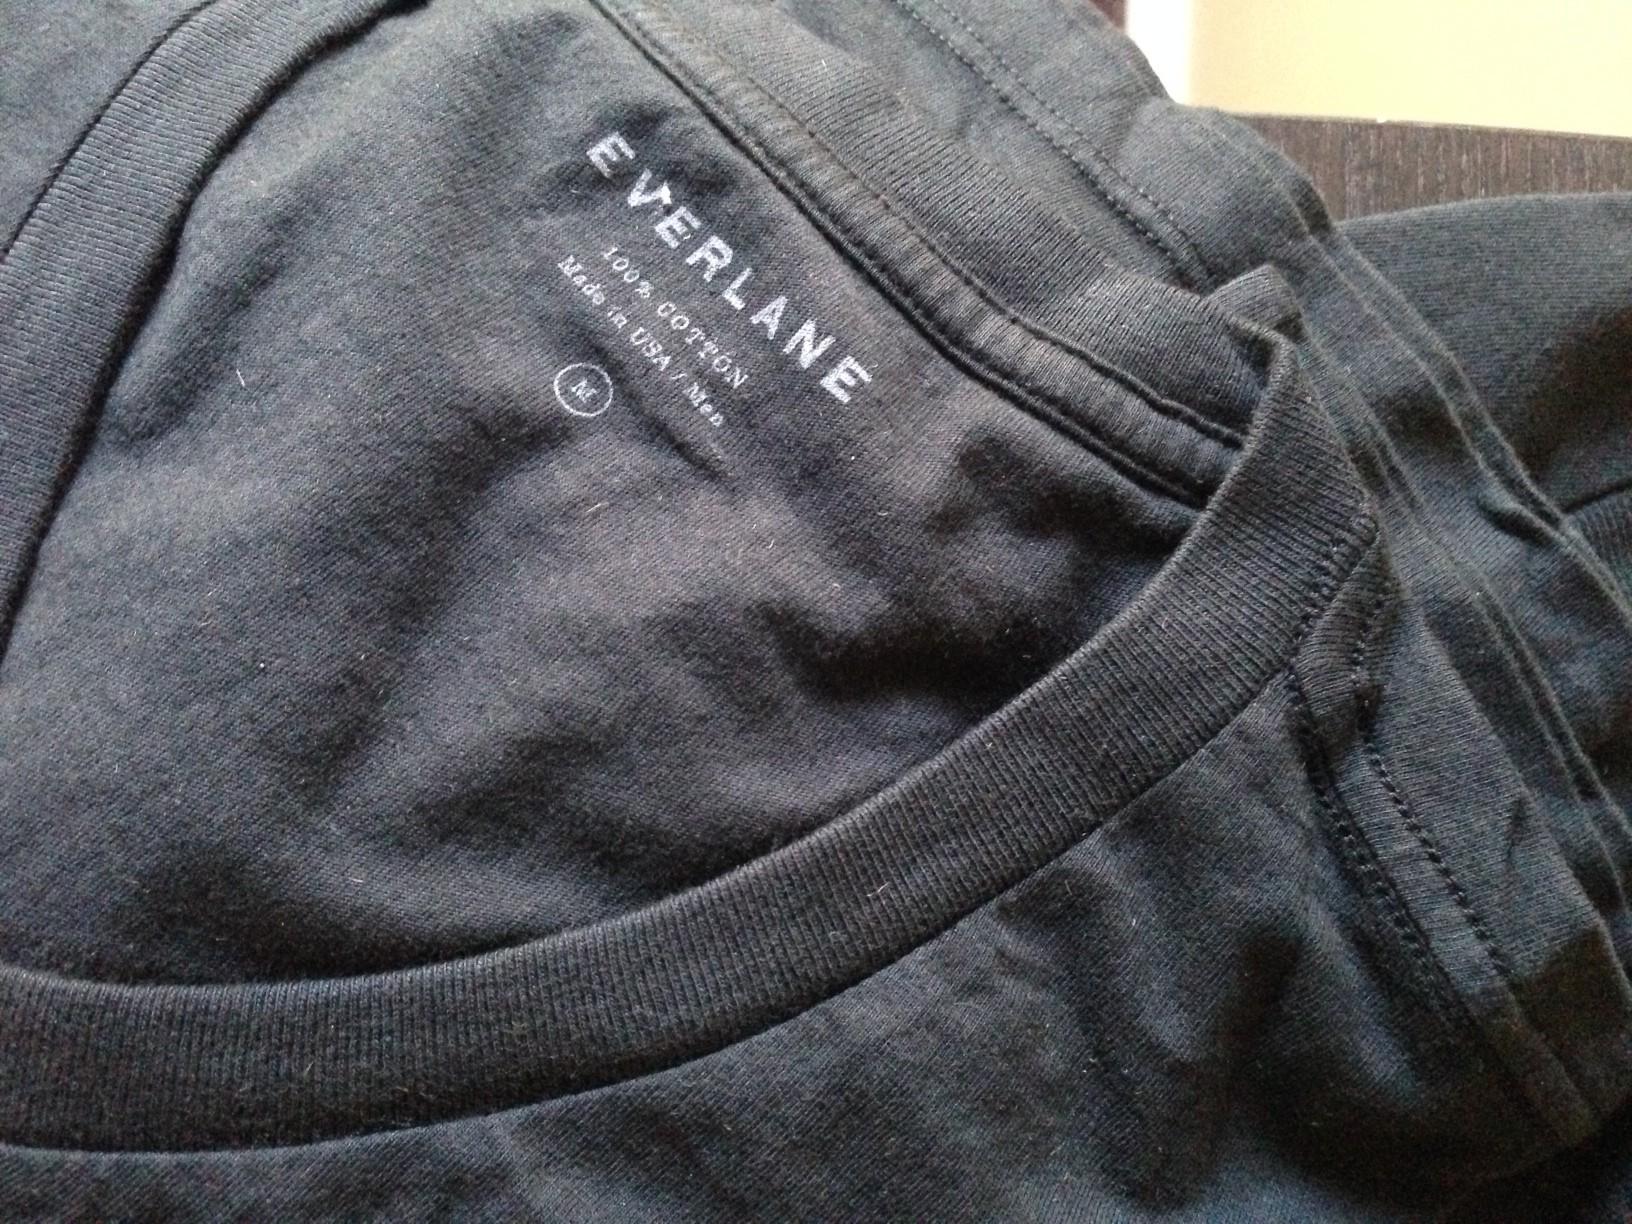 everlane t-shirt